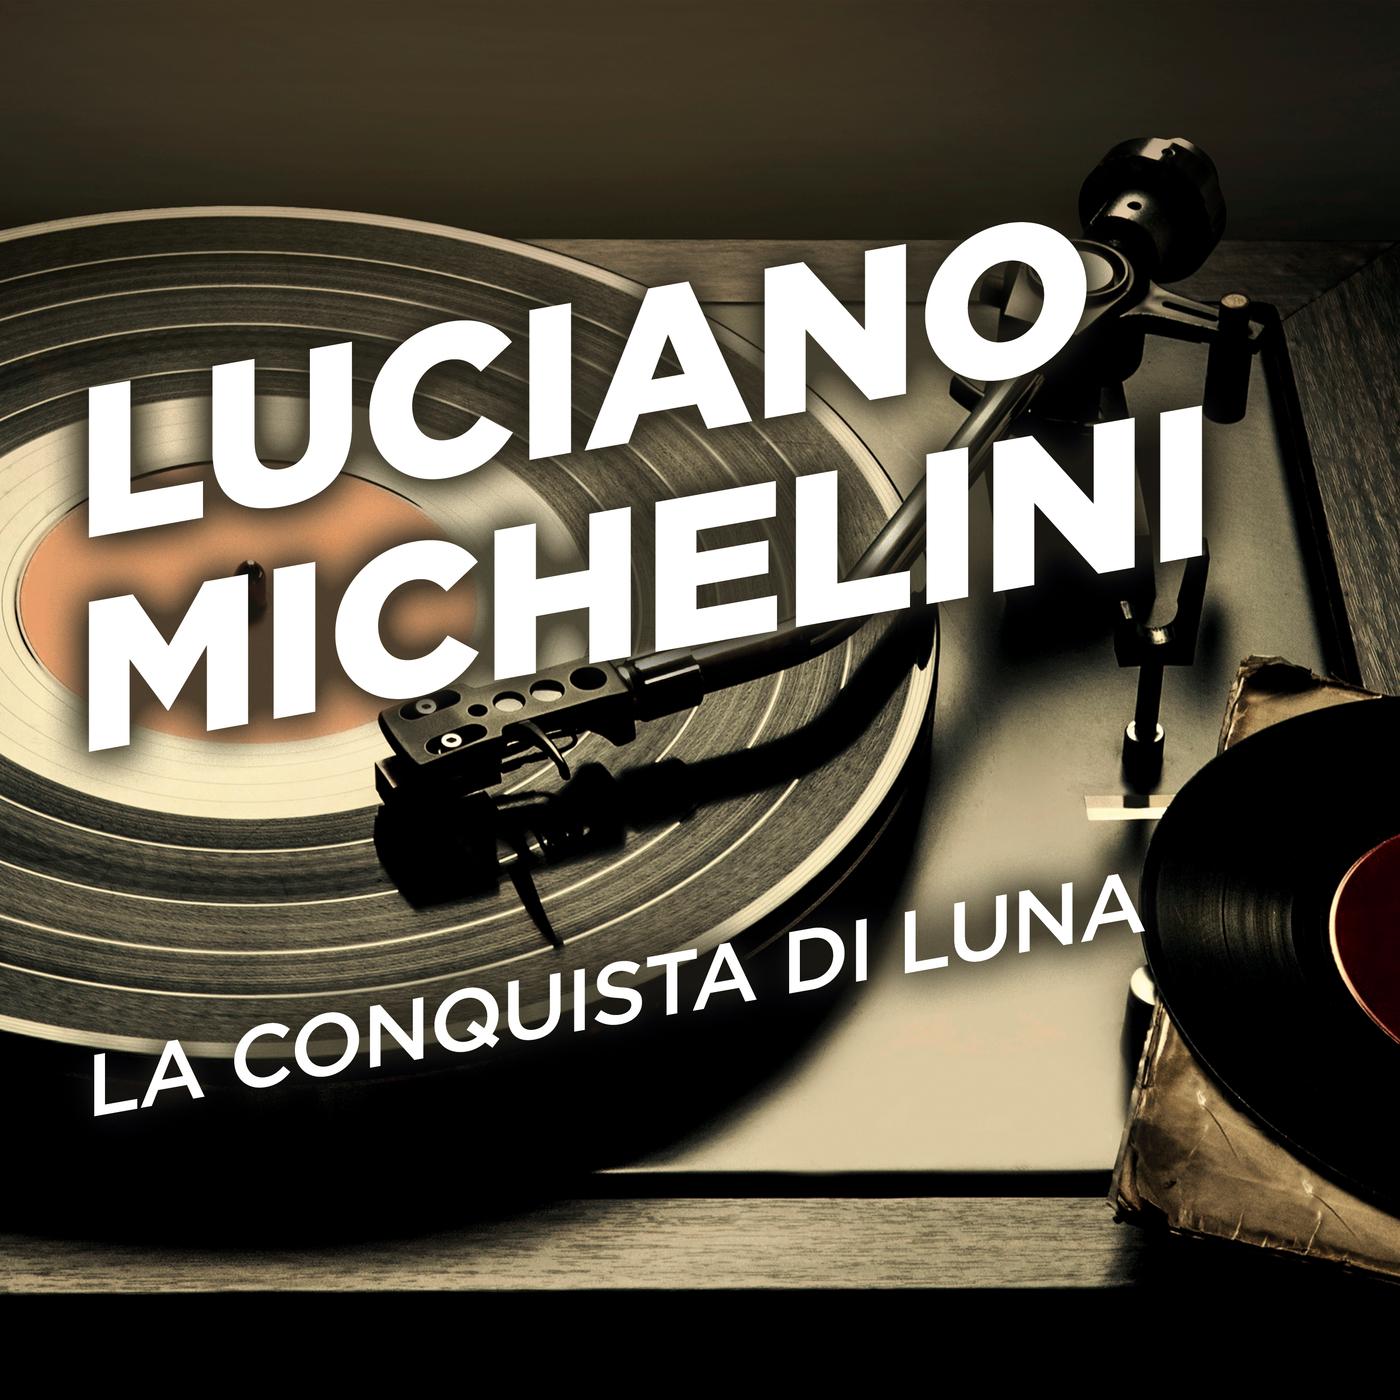 La conquista di luna - Luciano Michelini